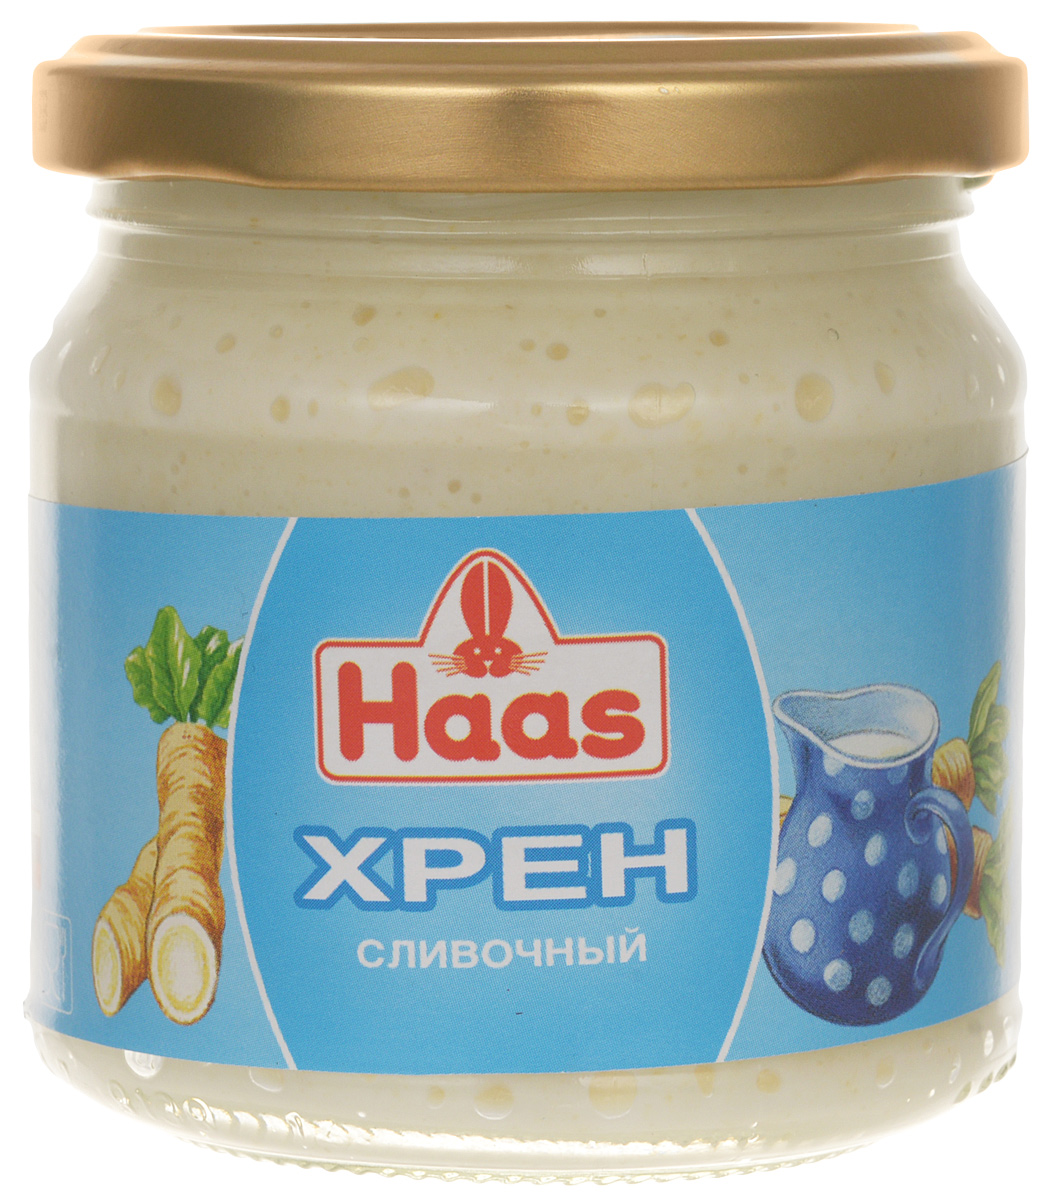 Haas хрен сливочный, 190 г haas